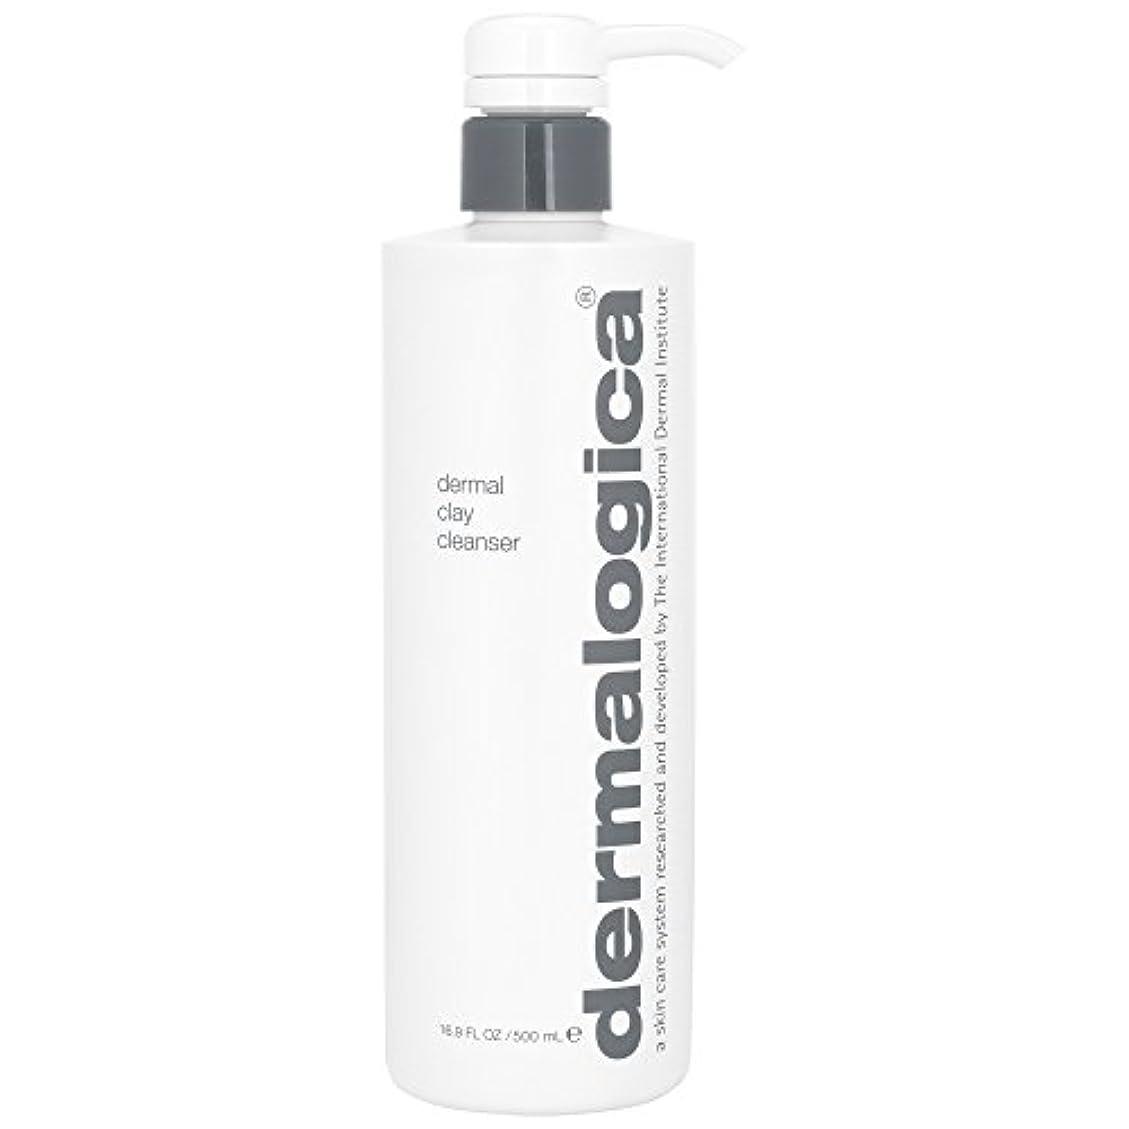 陰謀愛同じダーマロジカ真皮クレイクレンザー500ミリリットル (Dermalogica) - Dermalogica Dermal Clay Cleanser 500ml [並行輸入品]